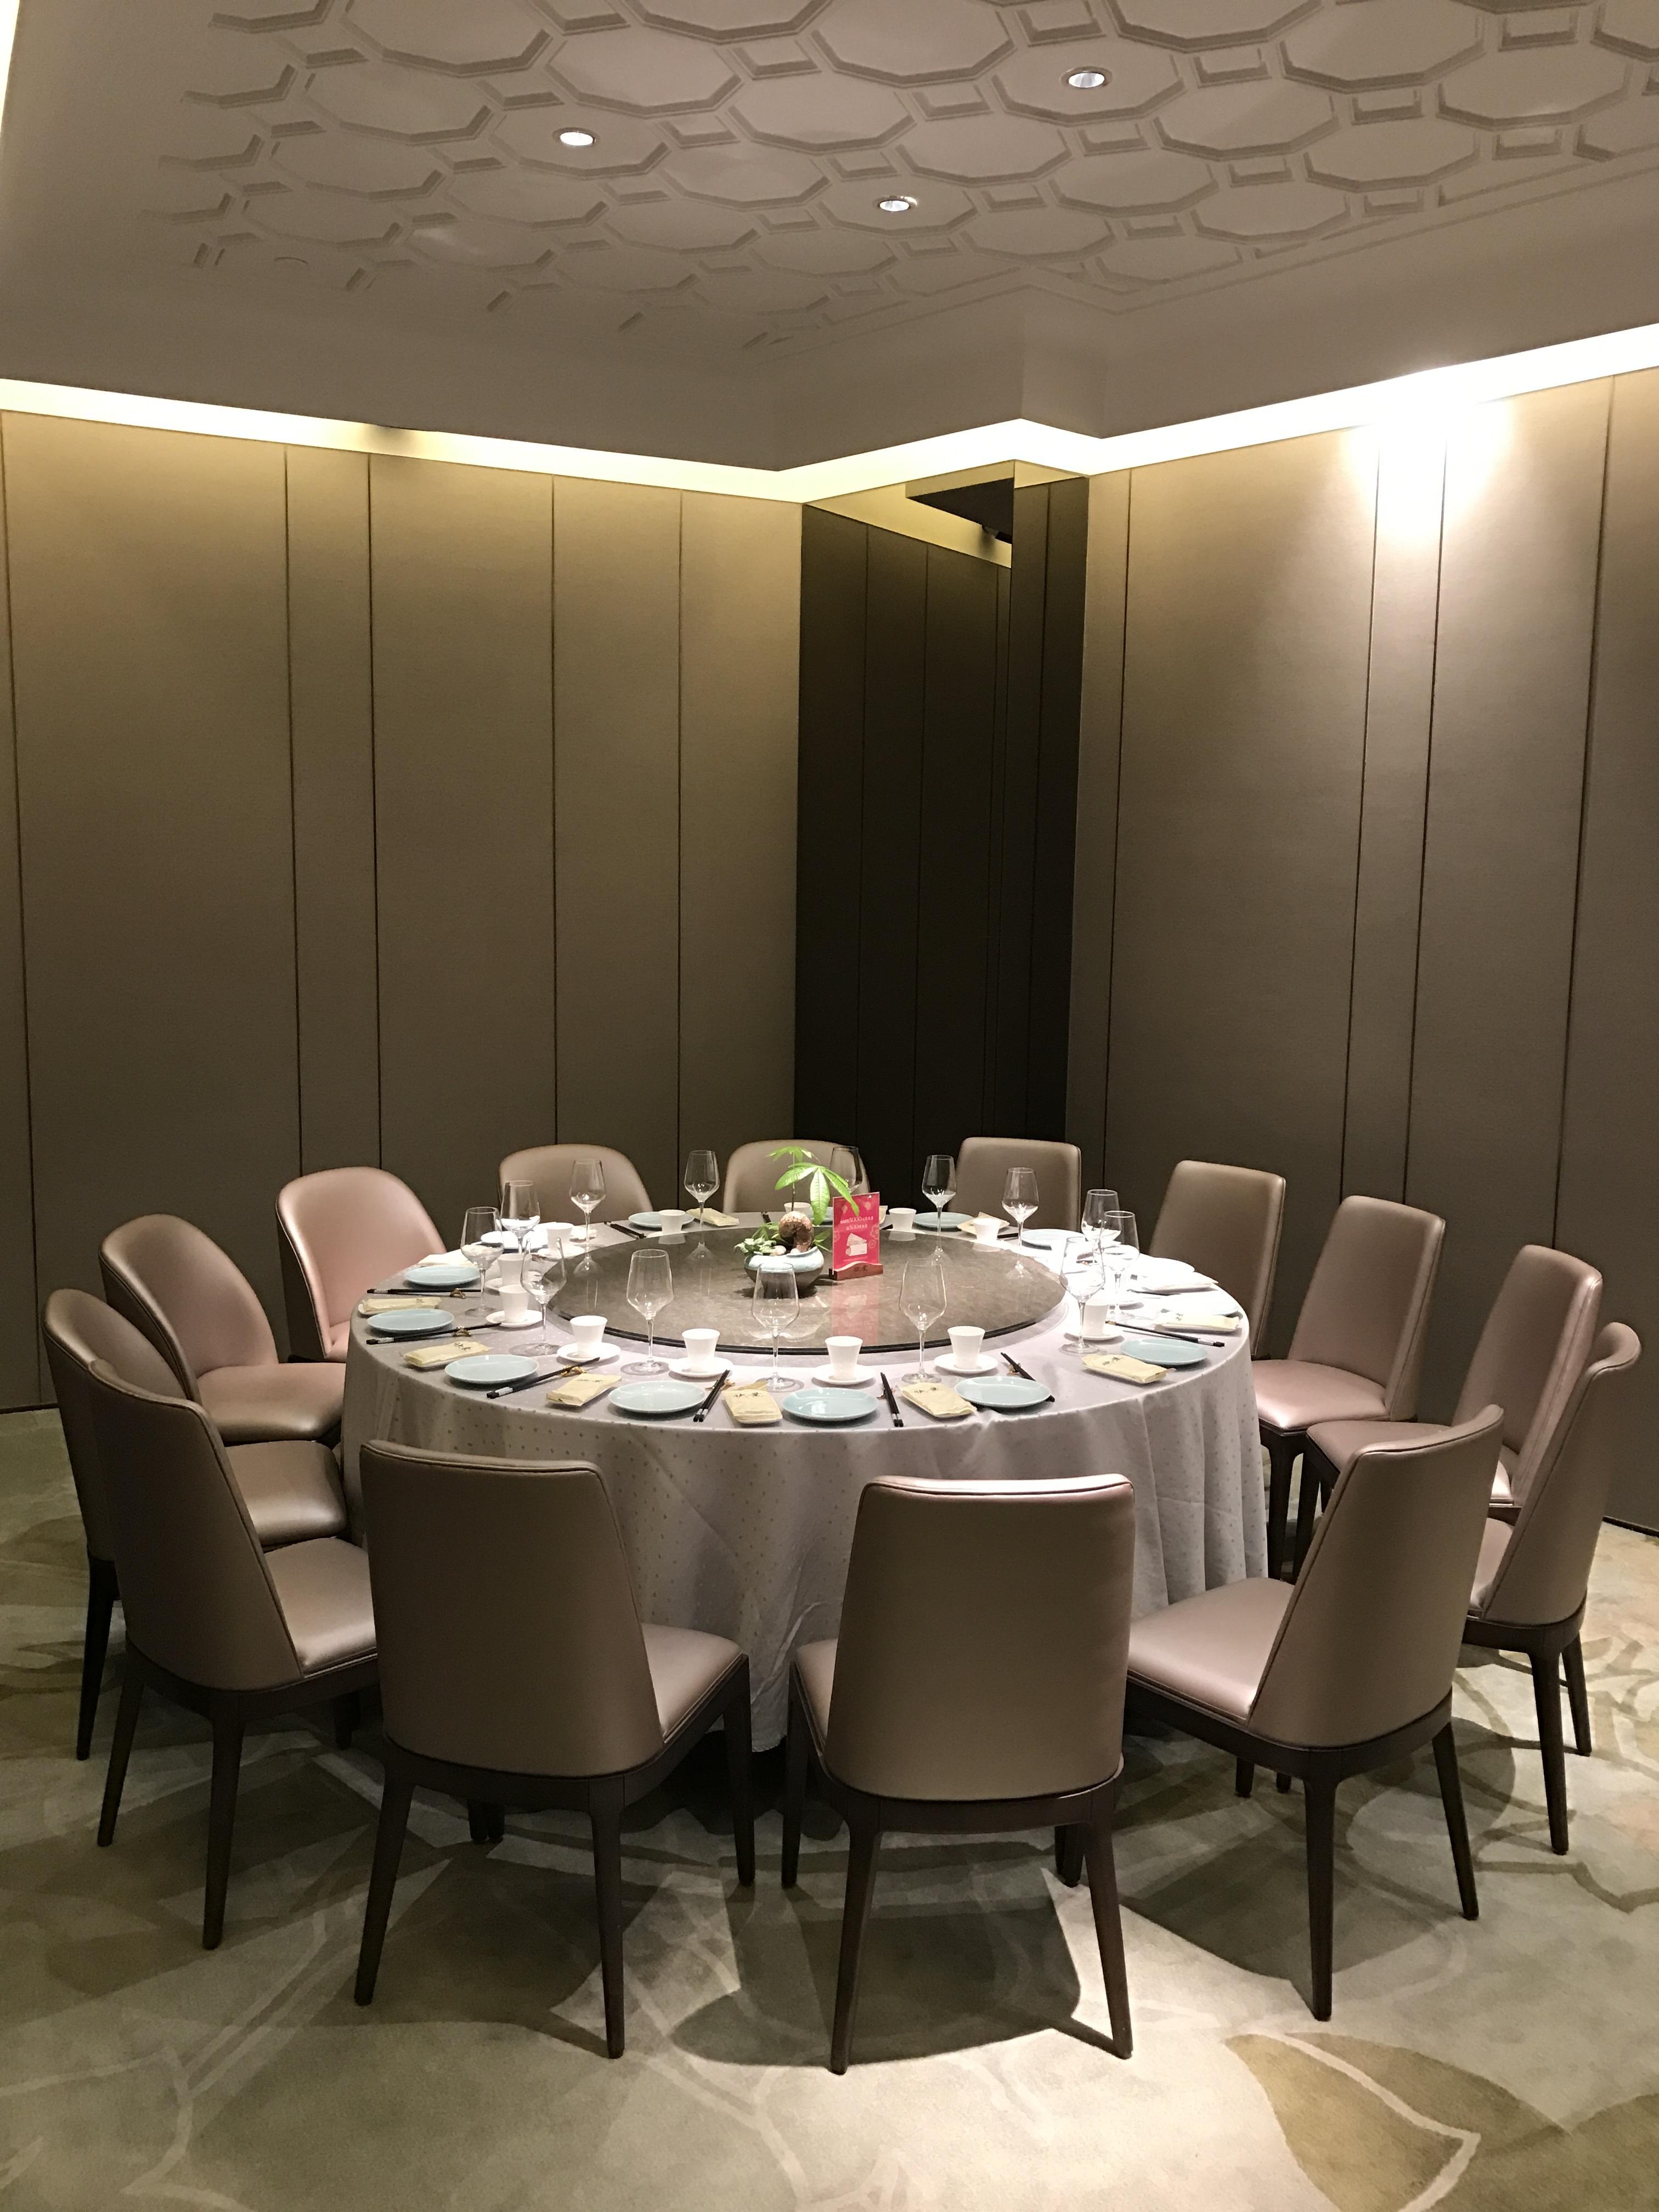 Kostenlose foto tabelle restaurant mahlzeit zimmer for Innenarchitektur restaurant